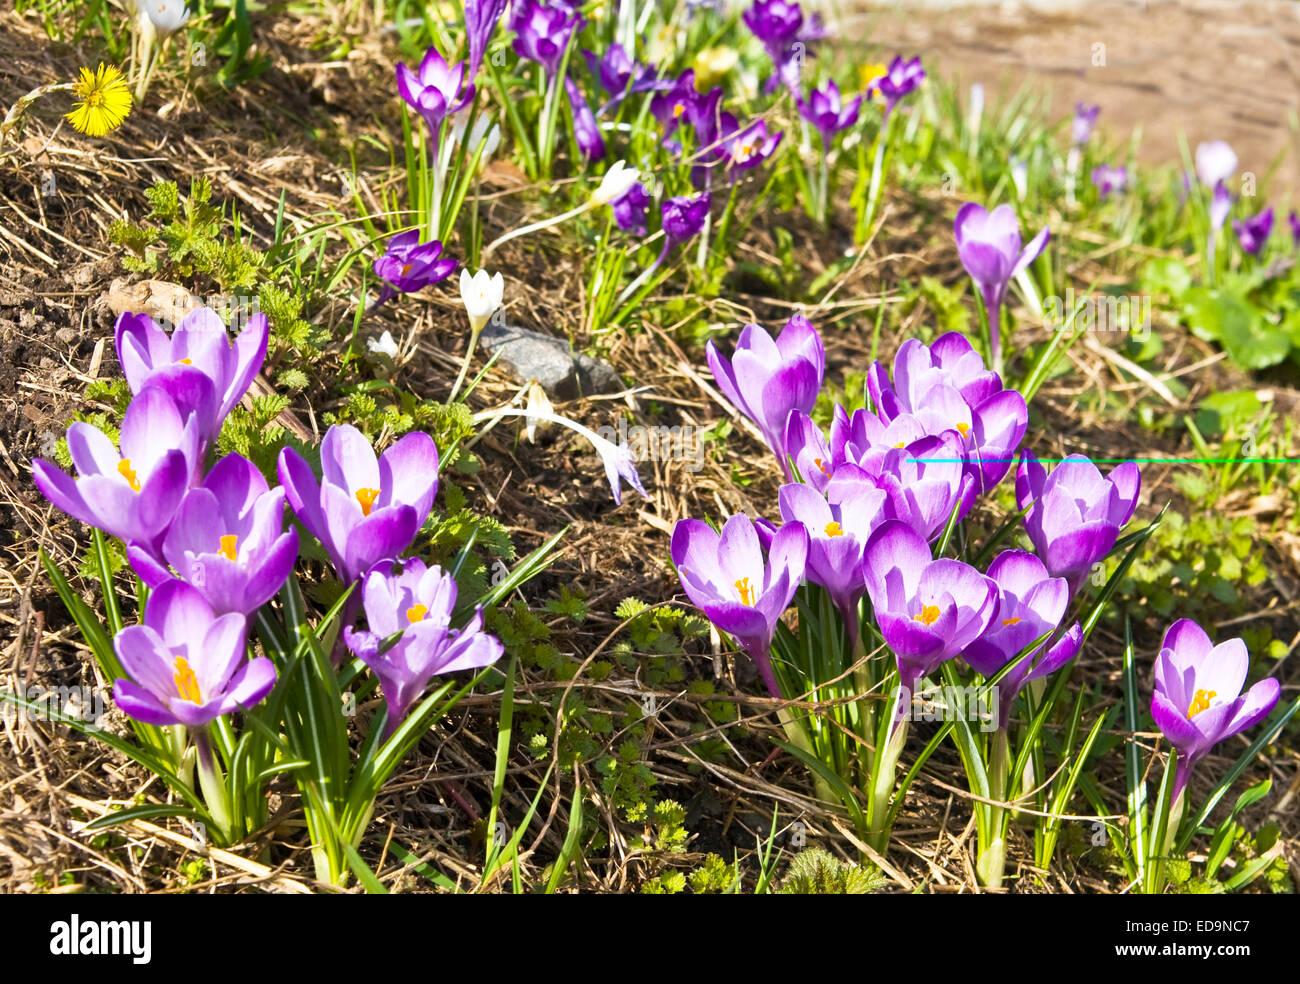 Viele Erste Fruhlingsblumen Violette Krokusse Auf Dem Rasen